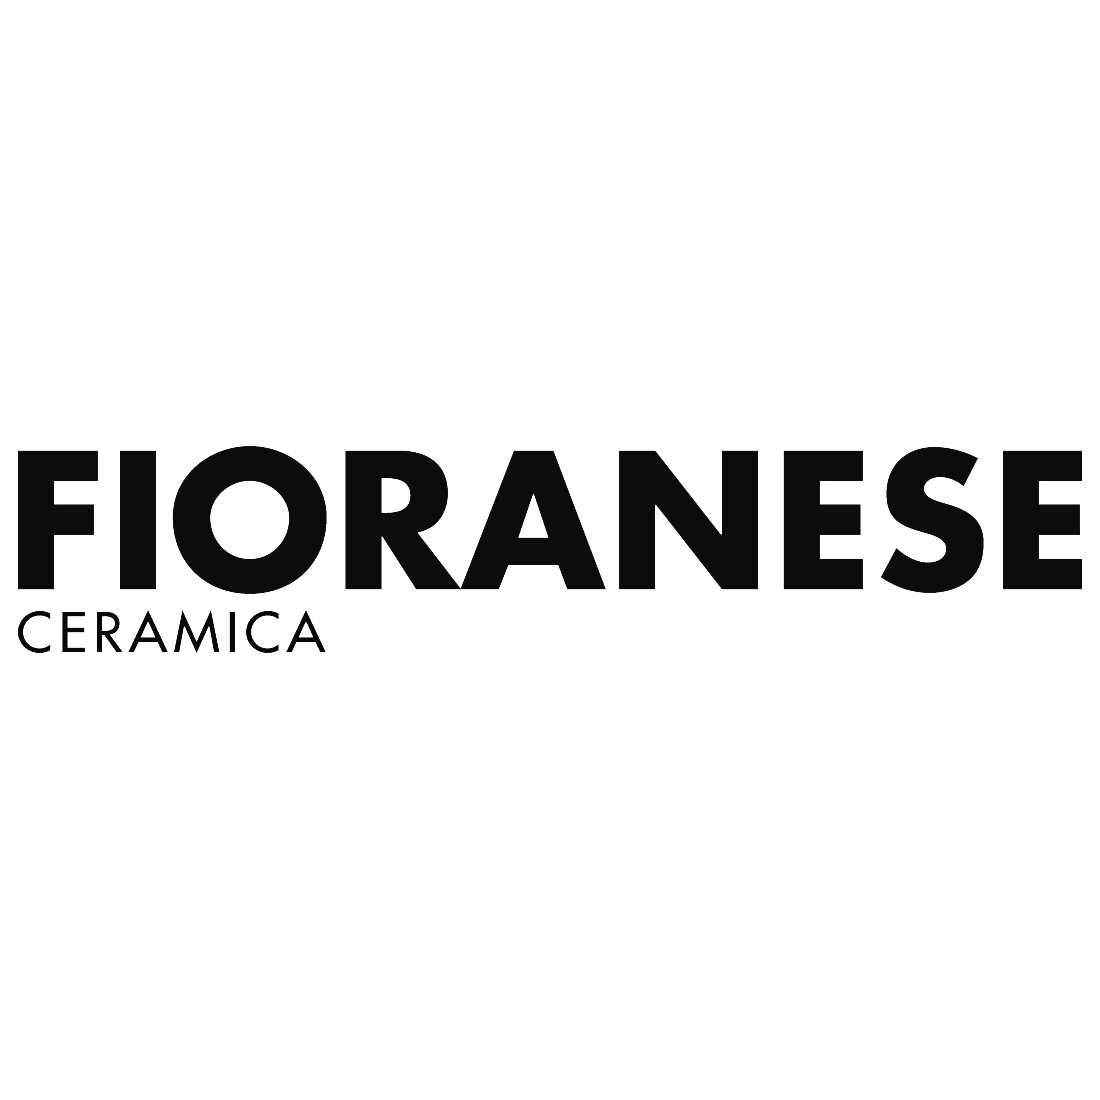 Fioranese Ceramica